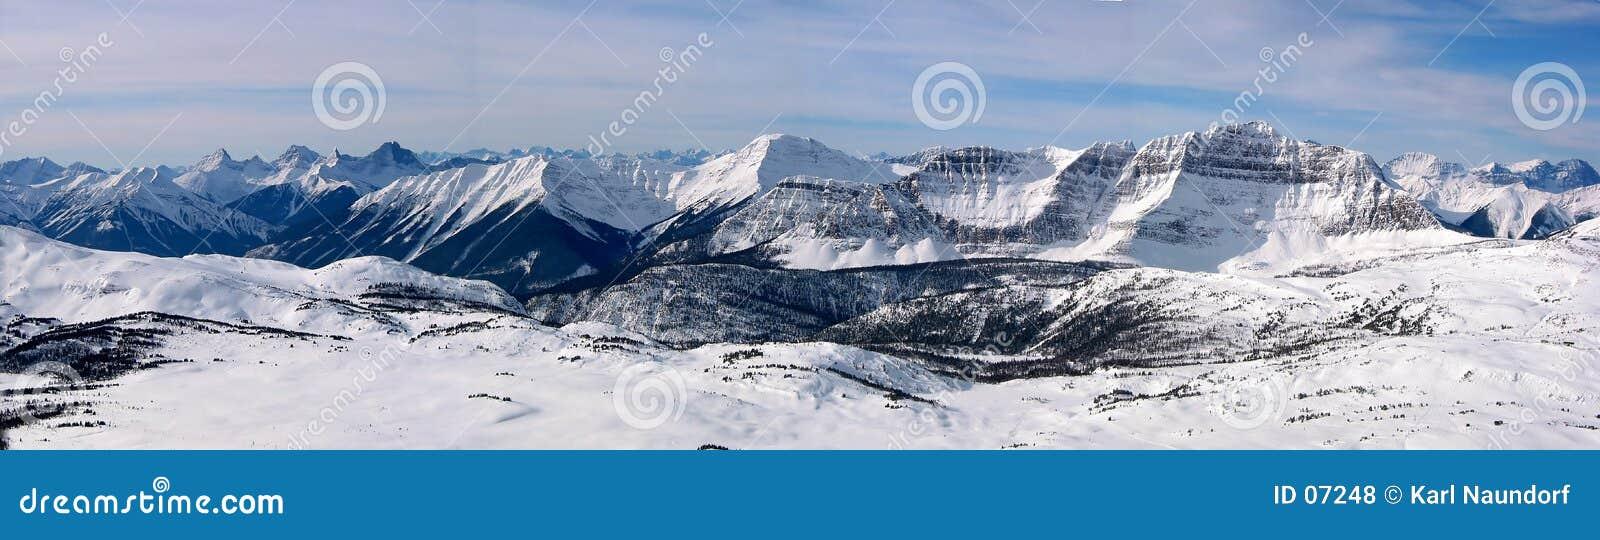 гора 2 панорамная